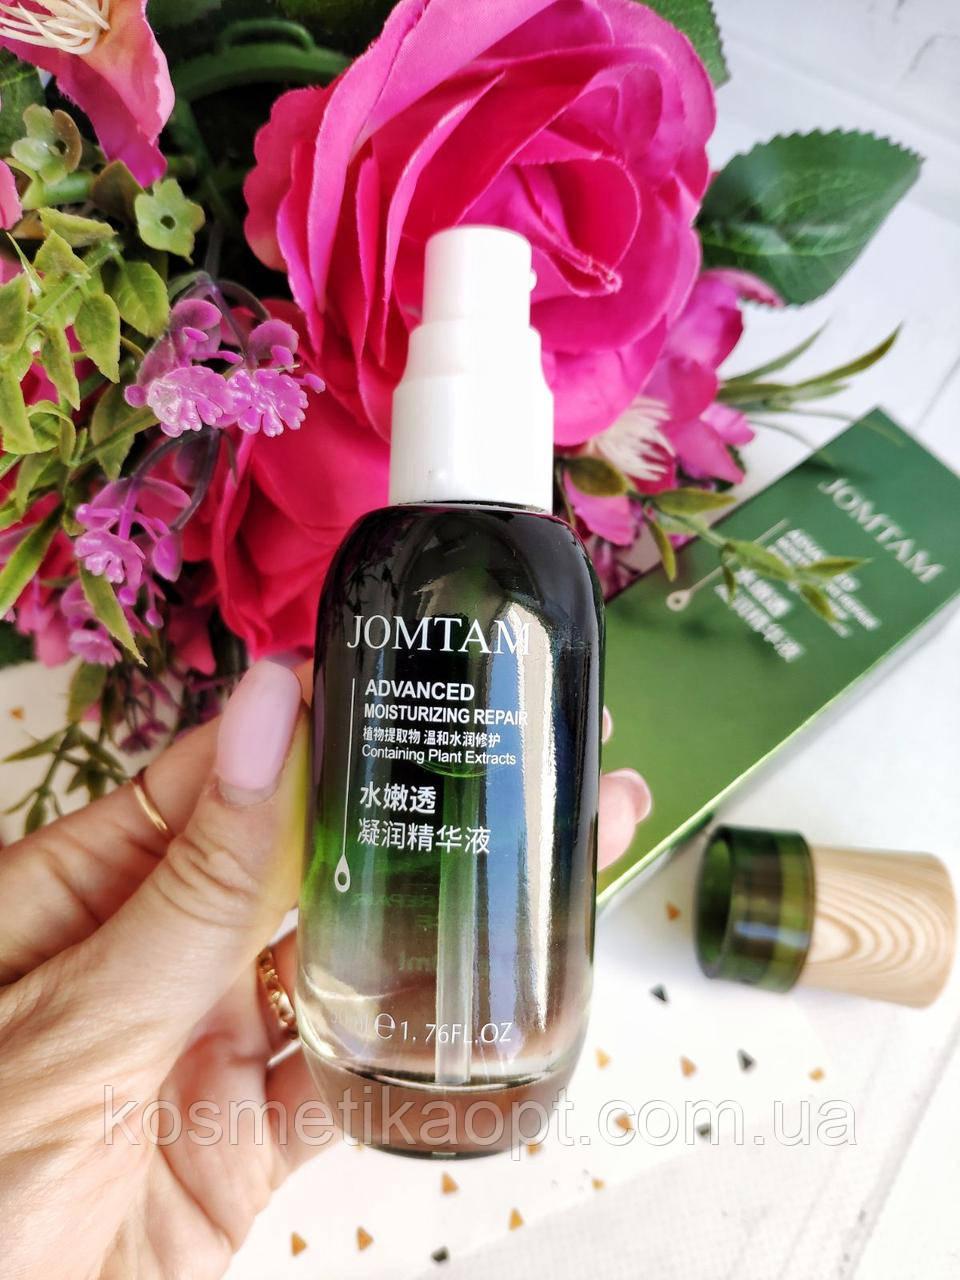 Сыворотка для восстановления кожи с маслом авокадо JOMTAM Advanced Moisturizing Repai, 50 мл